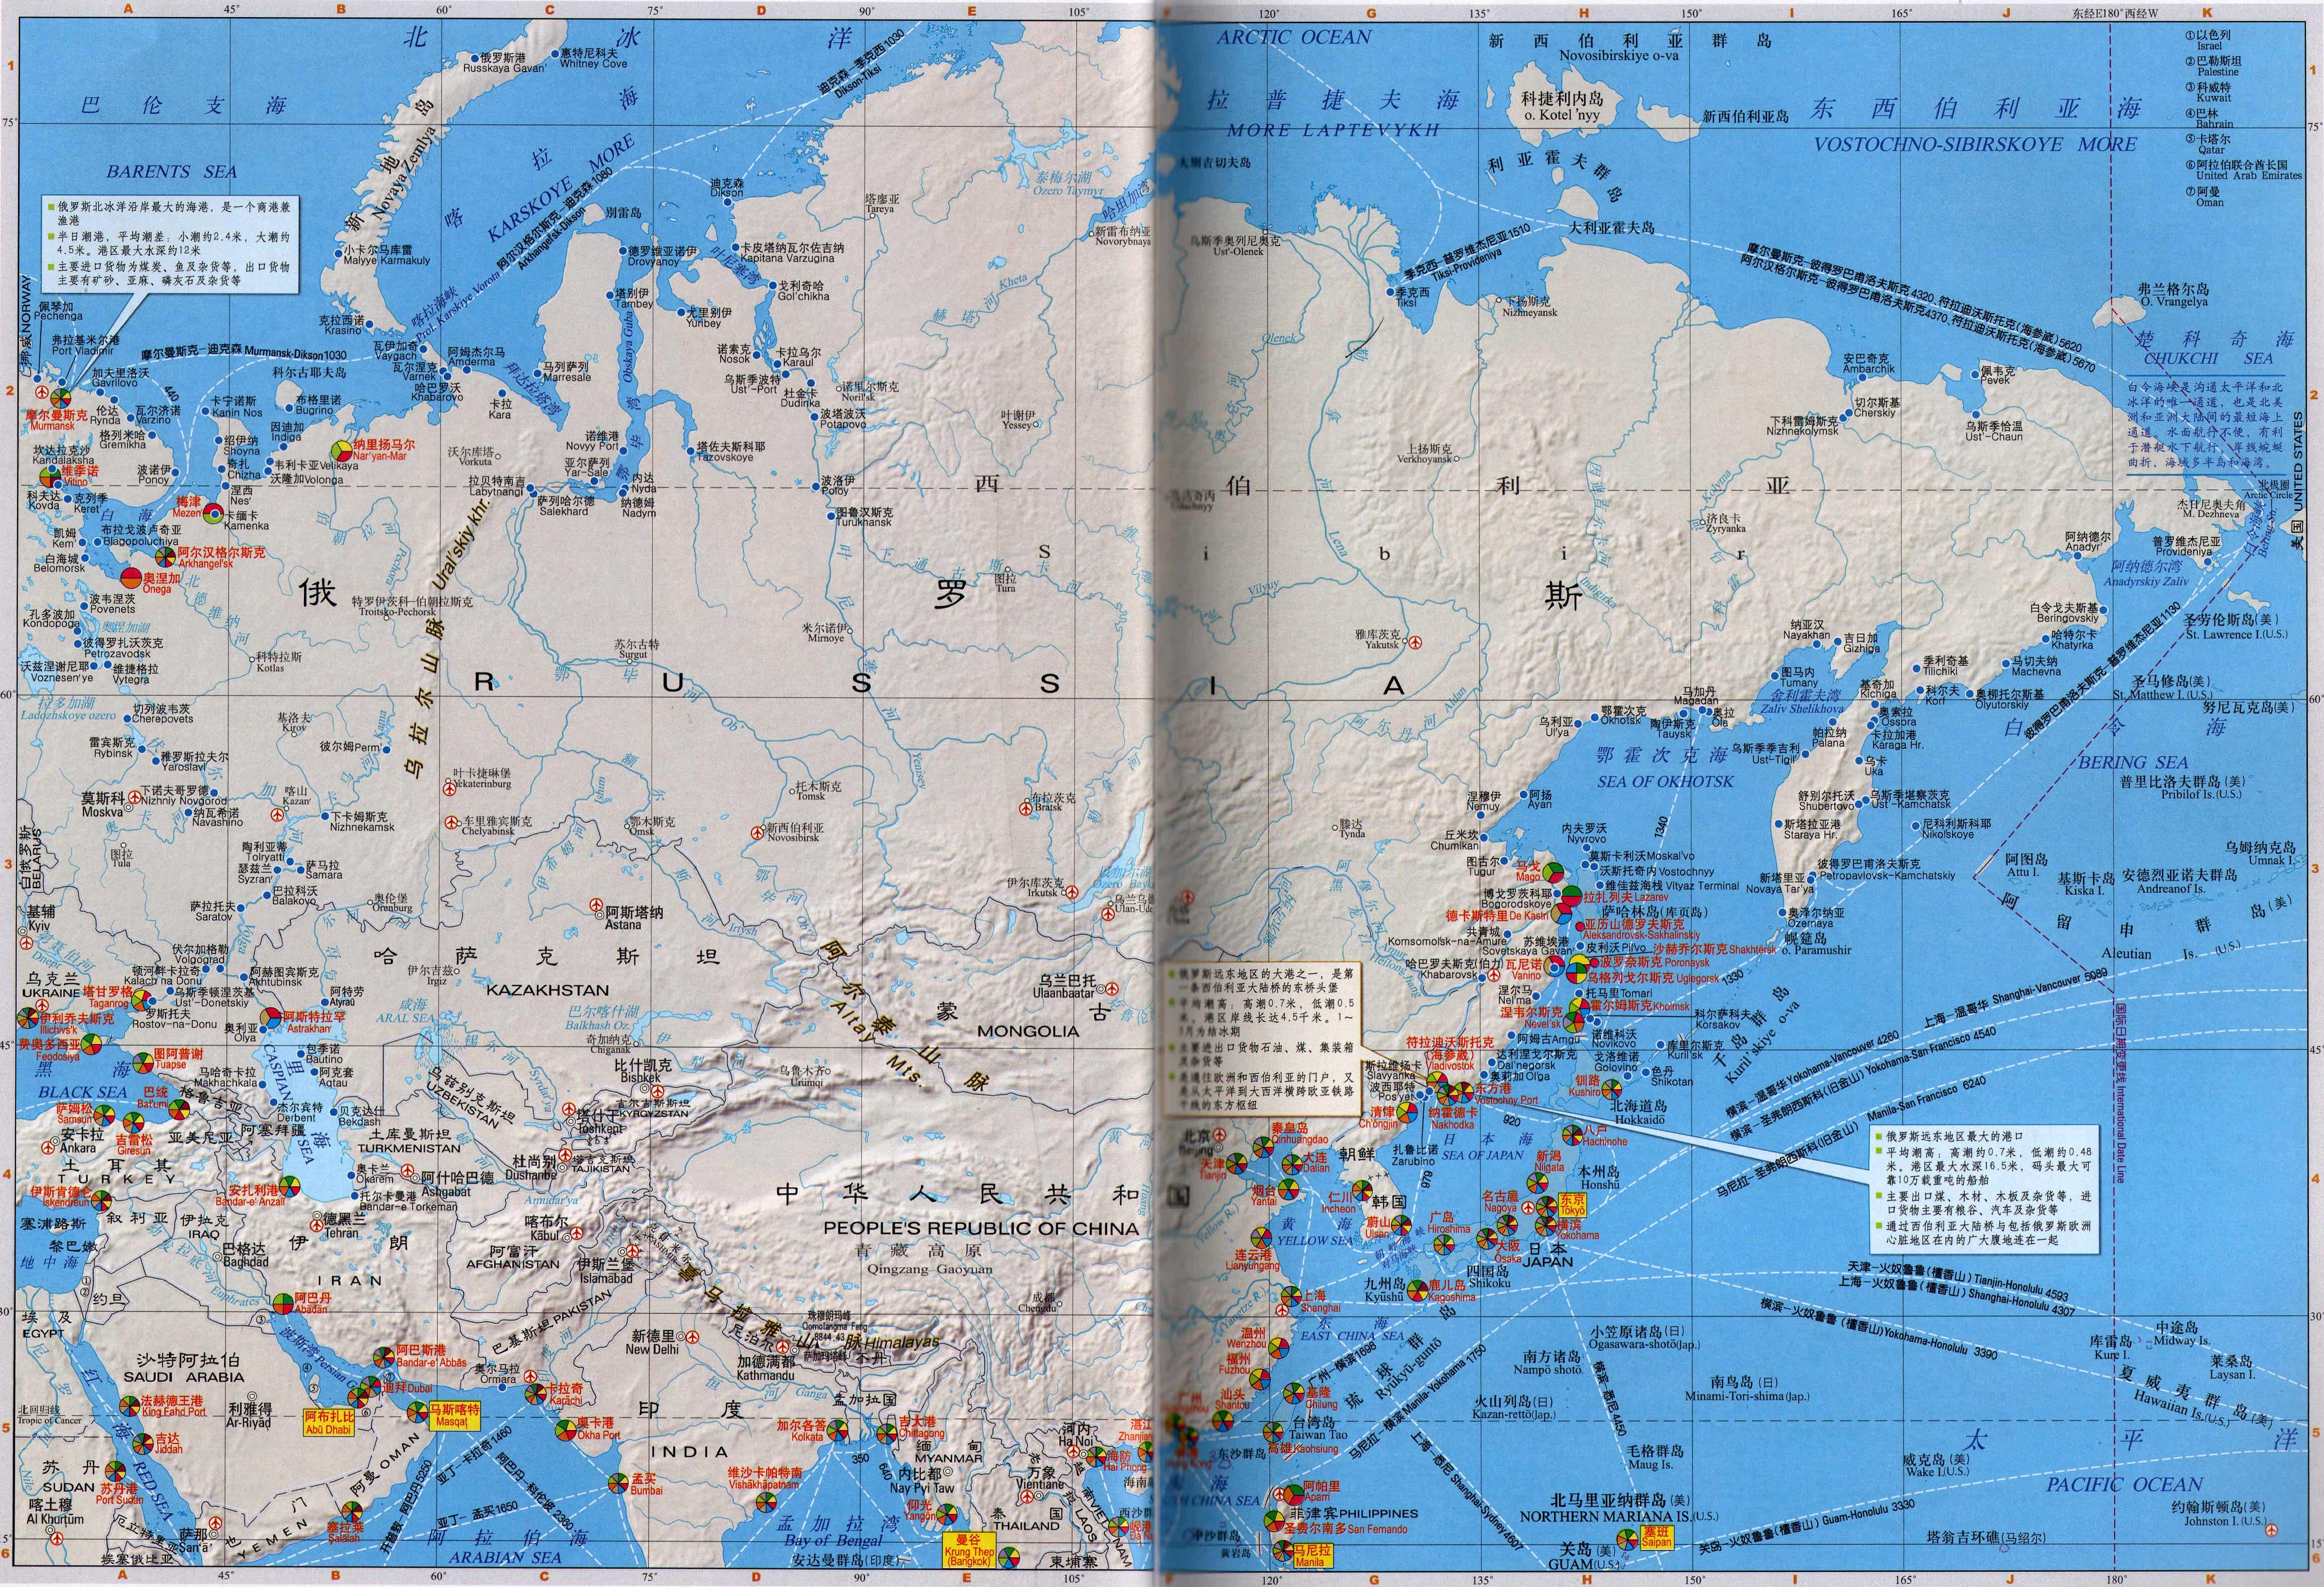 地图库 交通地图 港口分布图 >> 俄罗斯港口分布图